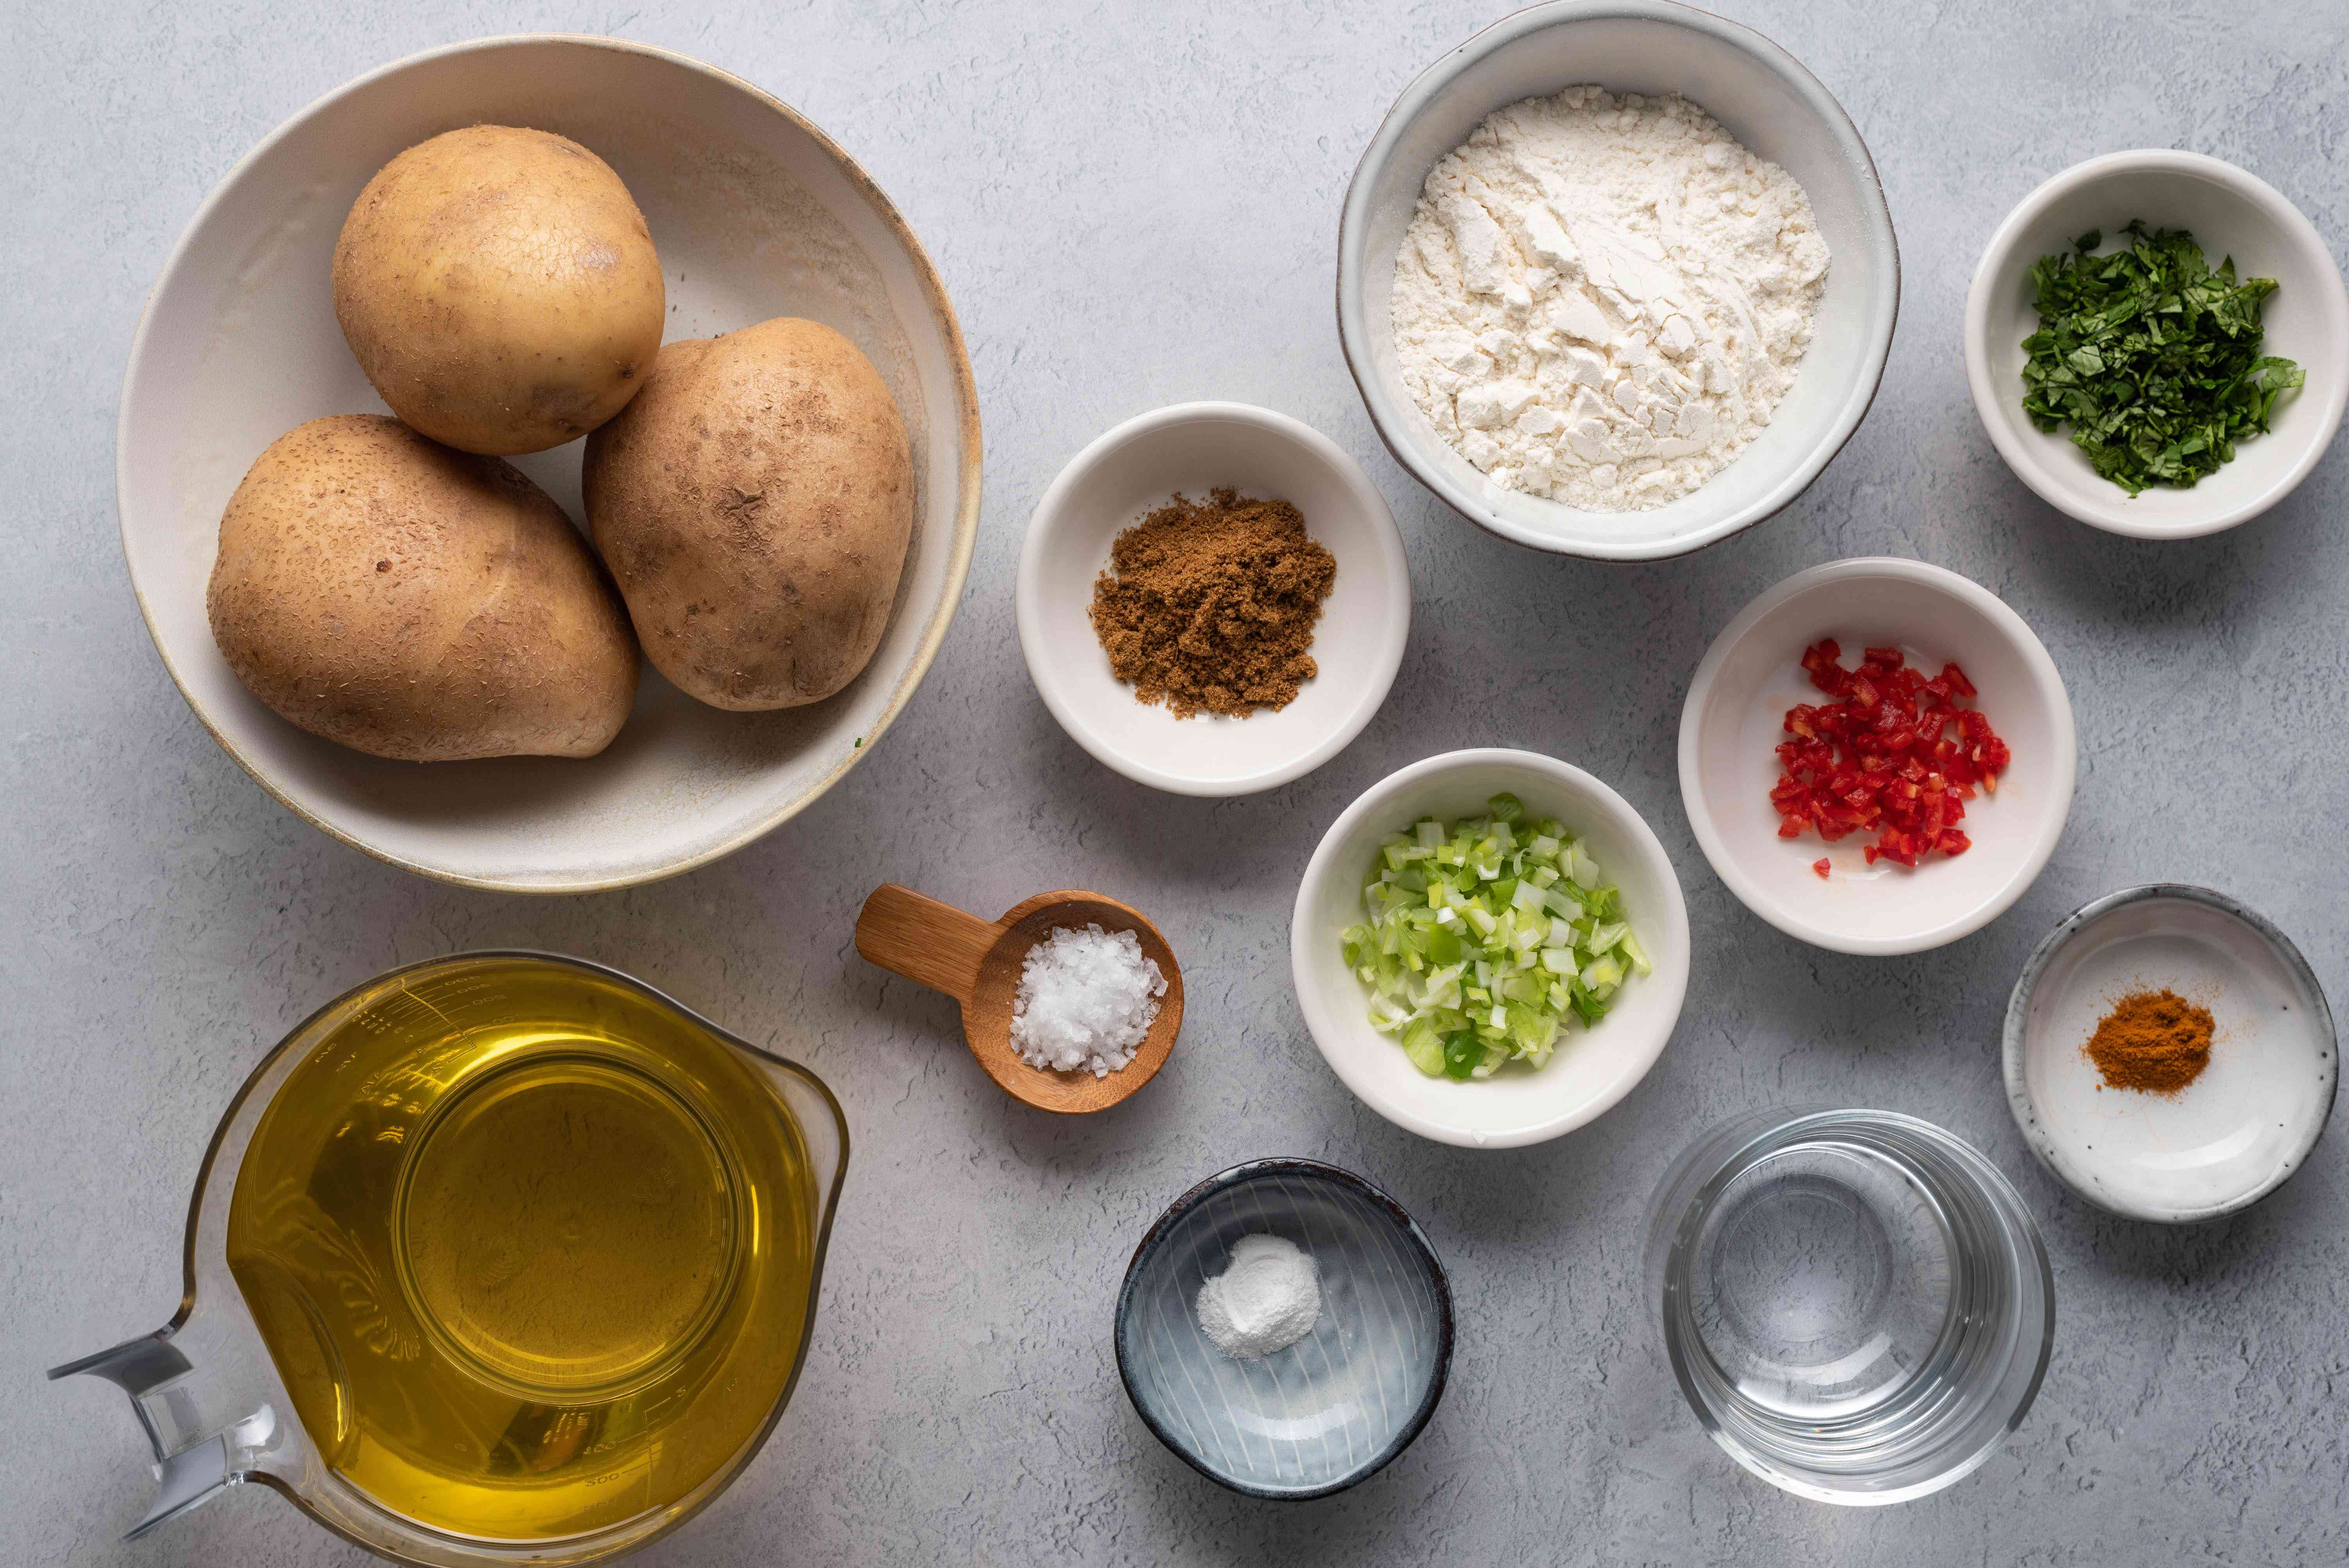 Ingredients to make aloo balls